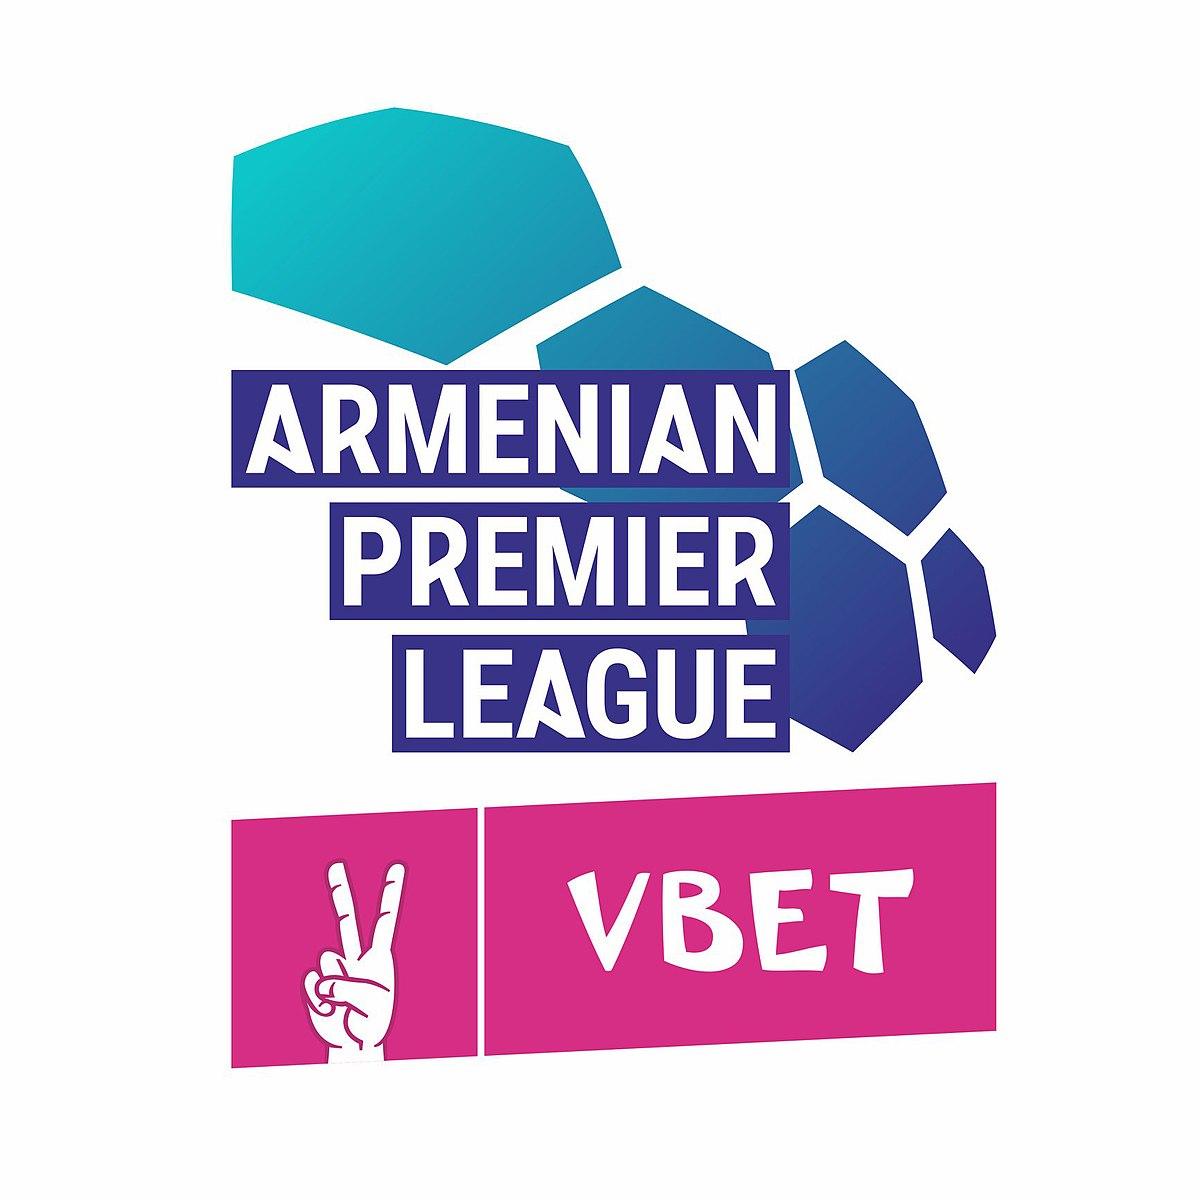 Armenian Premier League - Wikipedia